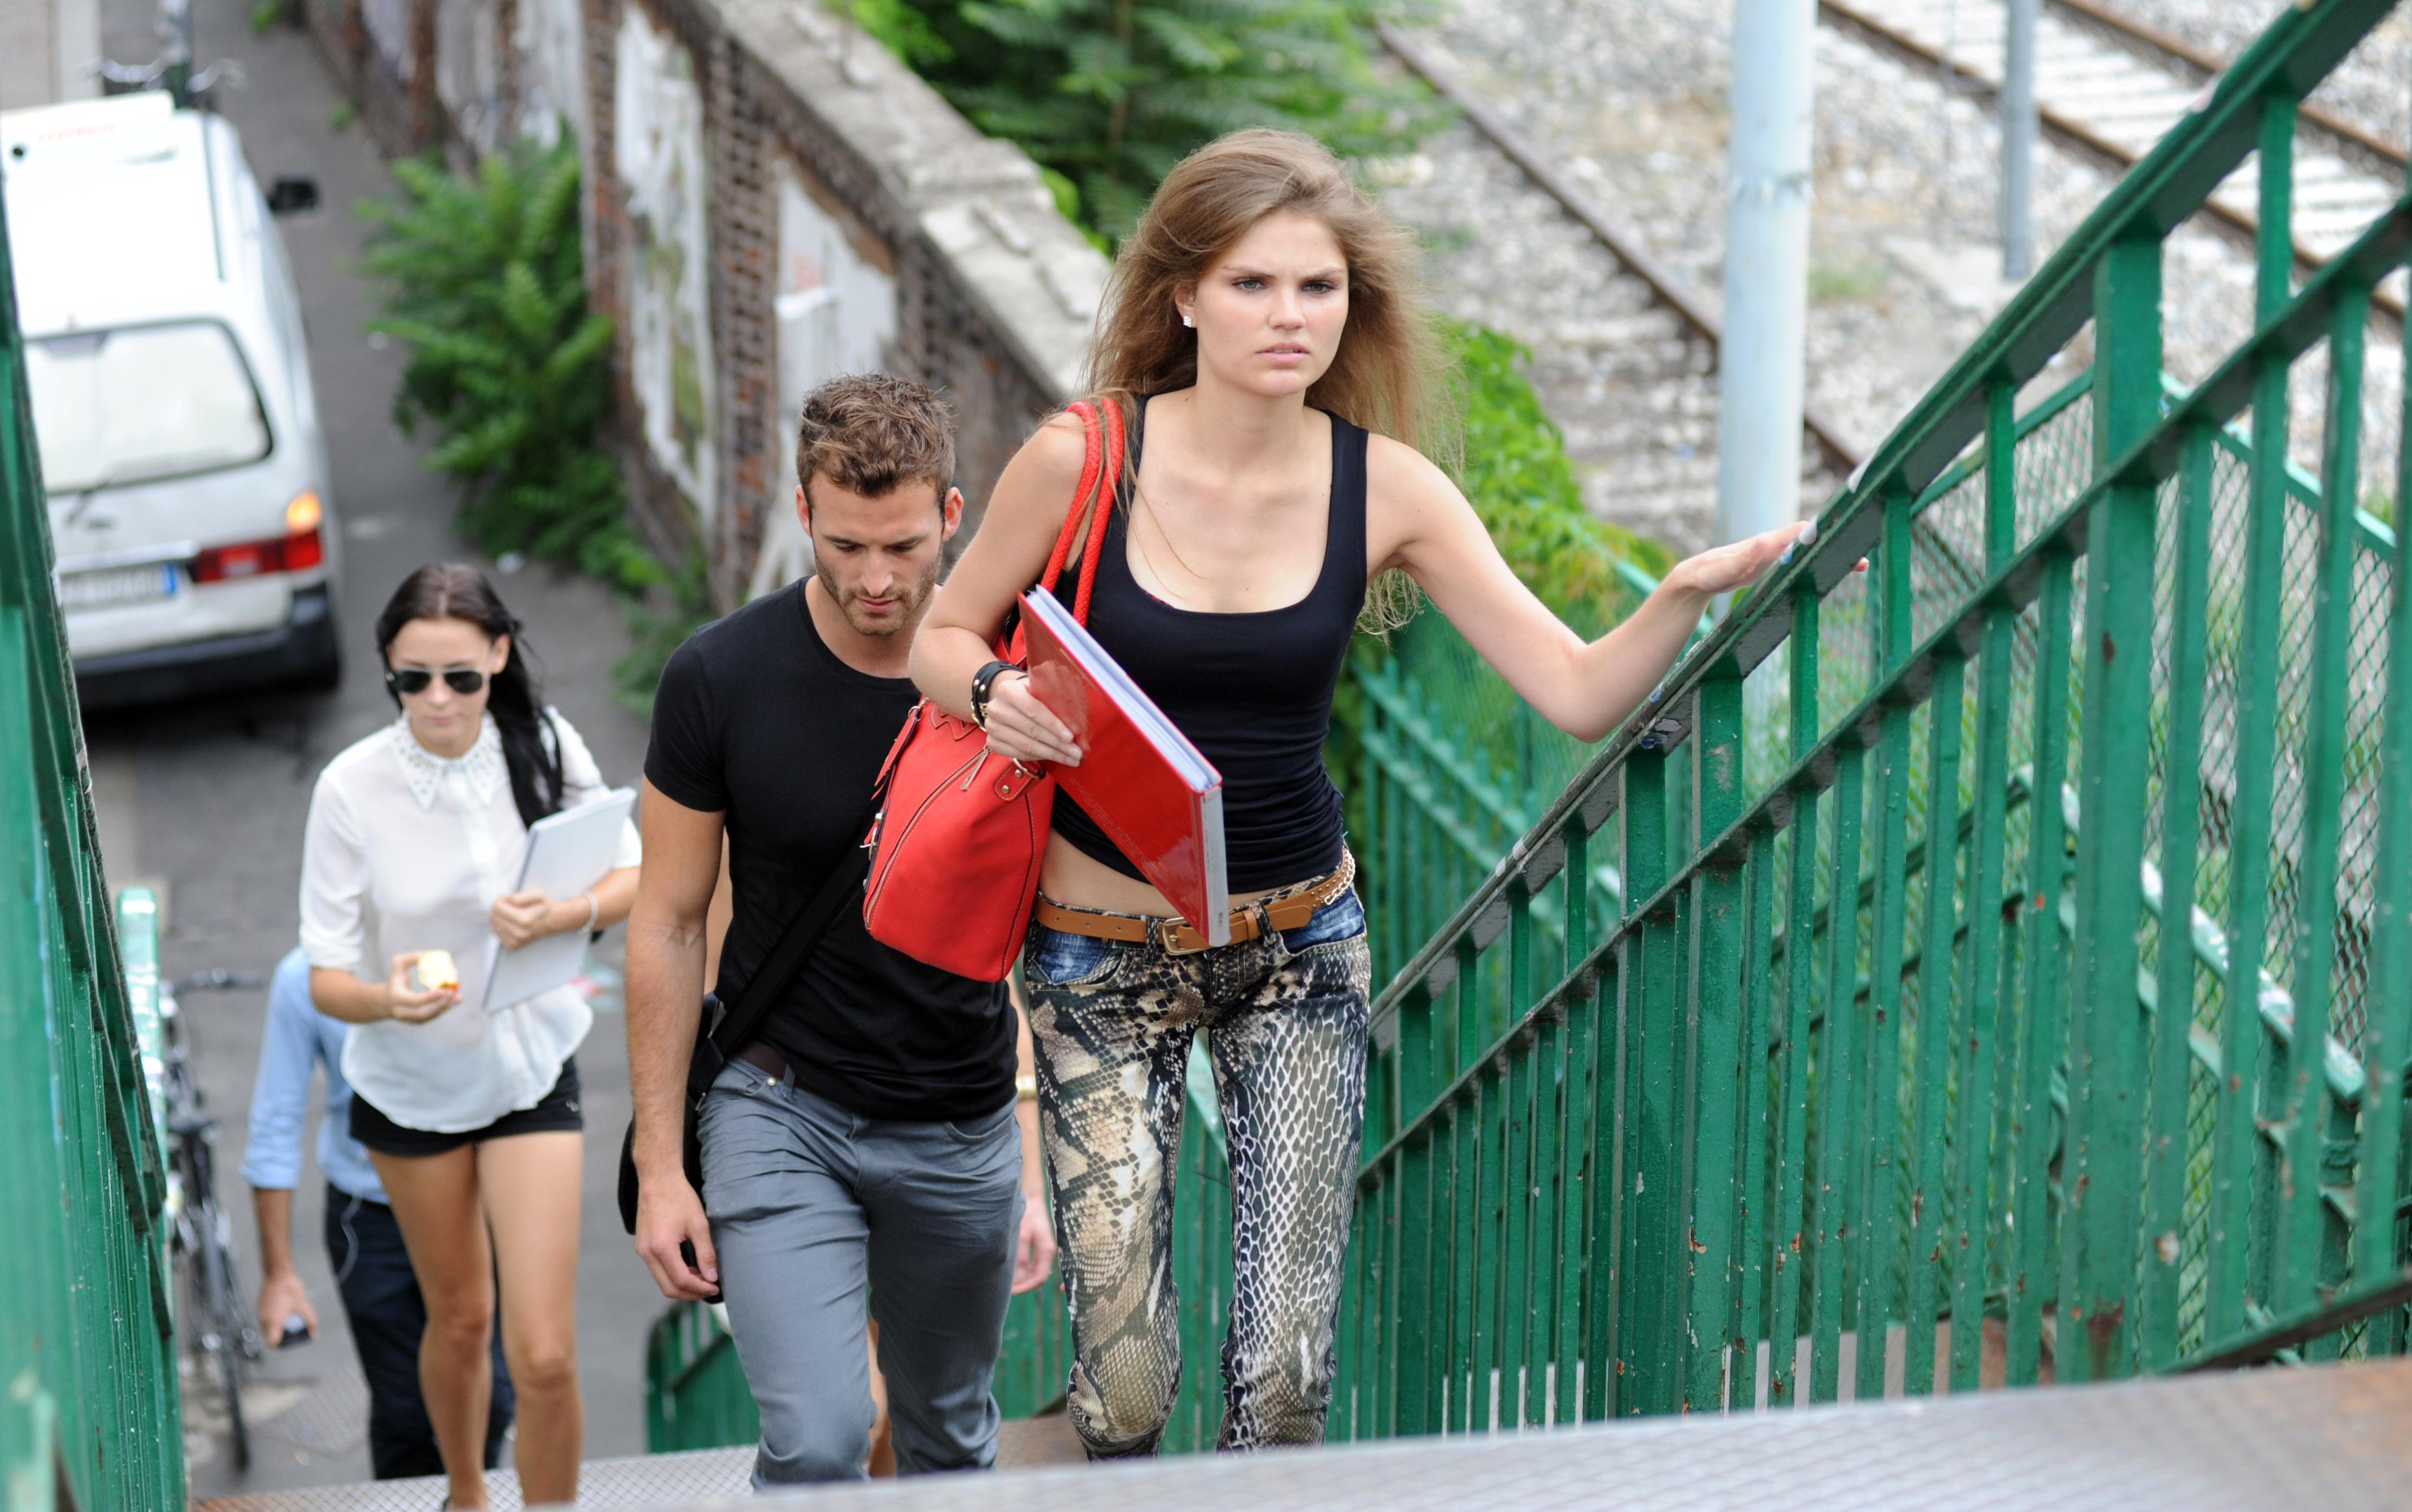 Le modelle invadono Milano per i casting (FOTO)